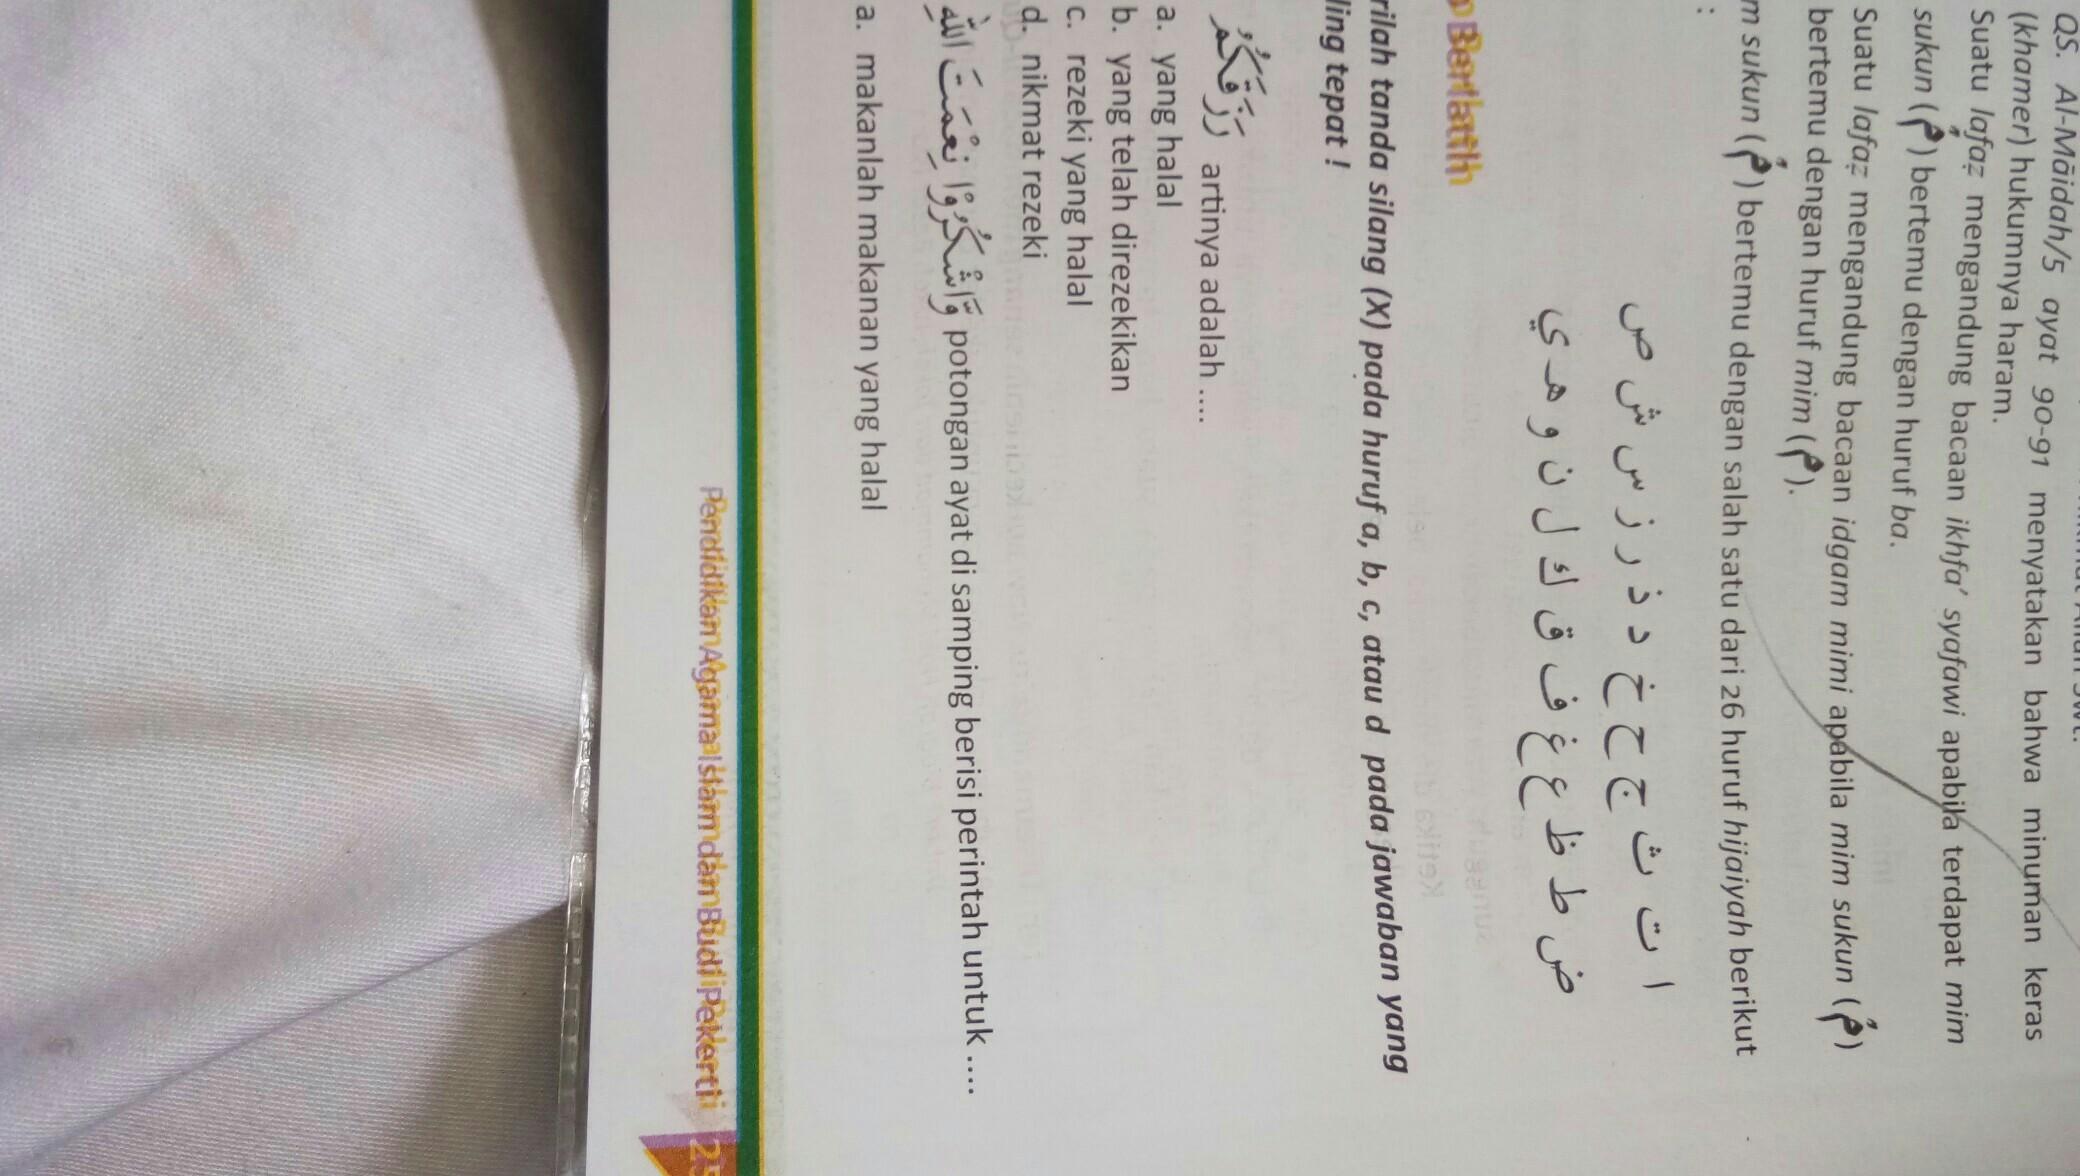 Kunci Jawaban Agama Islam Kelas 8 Bab 14 Hal 257 - Guru ...